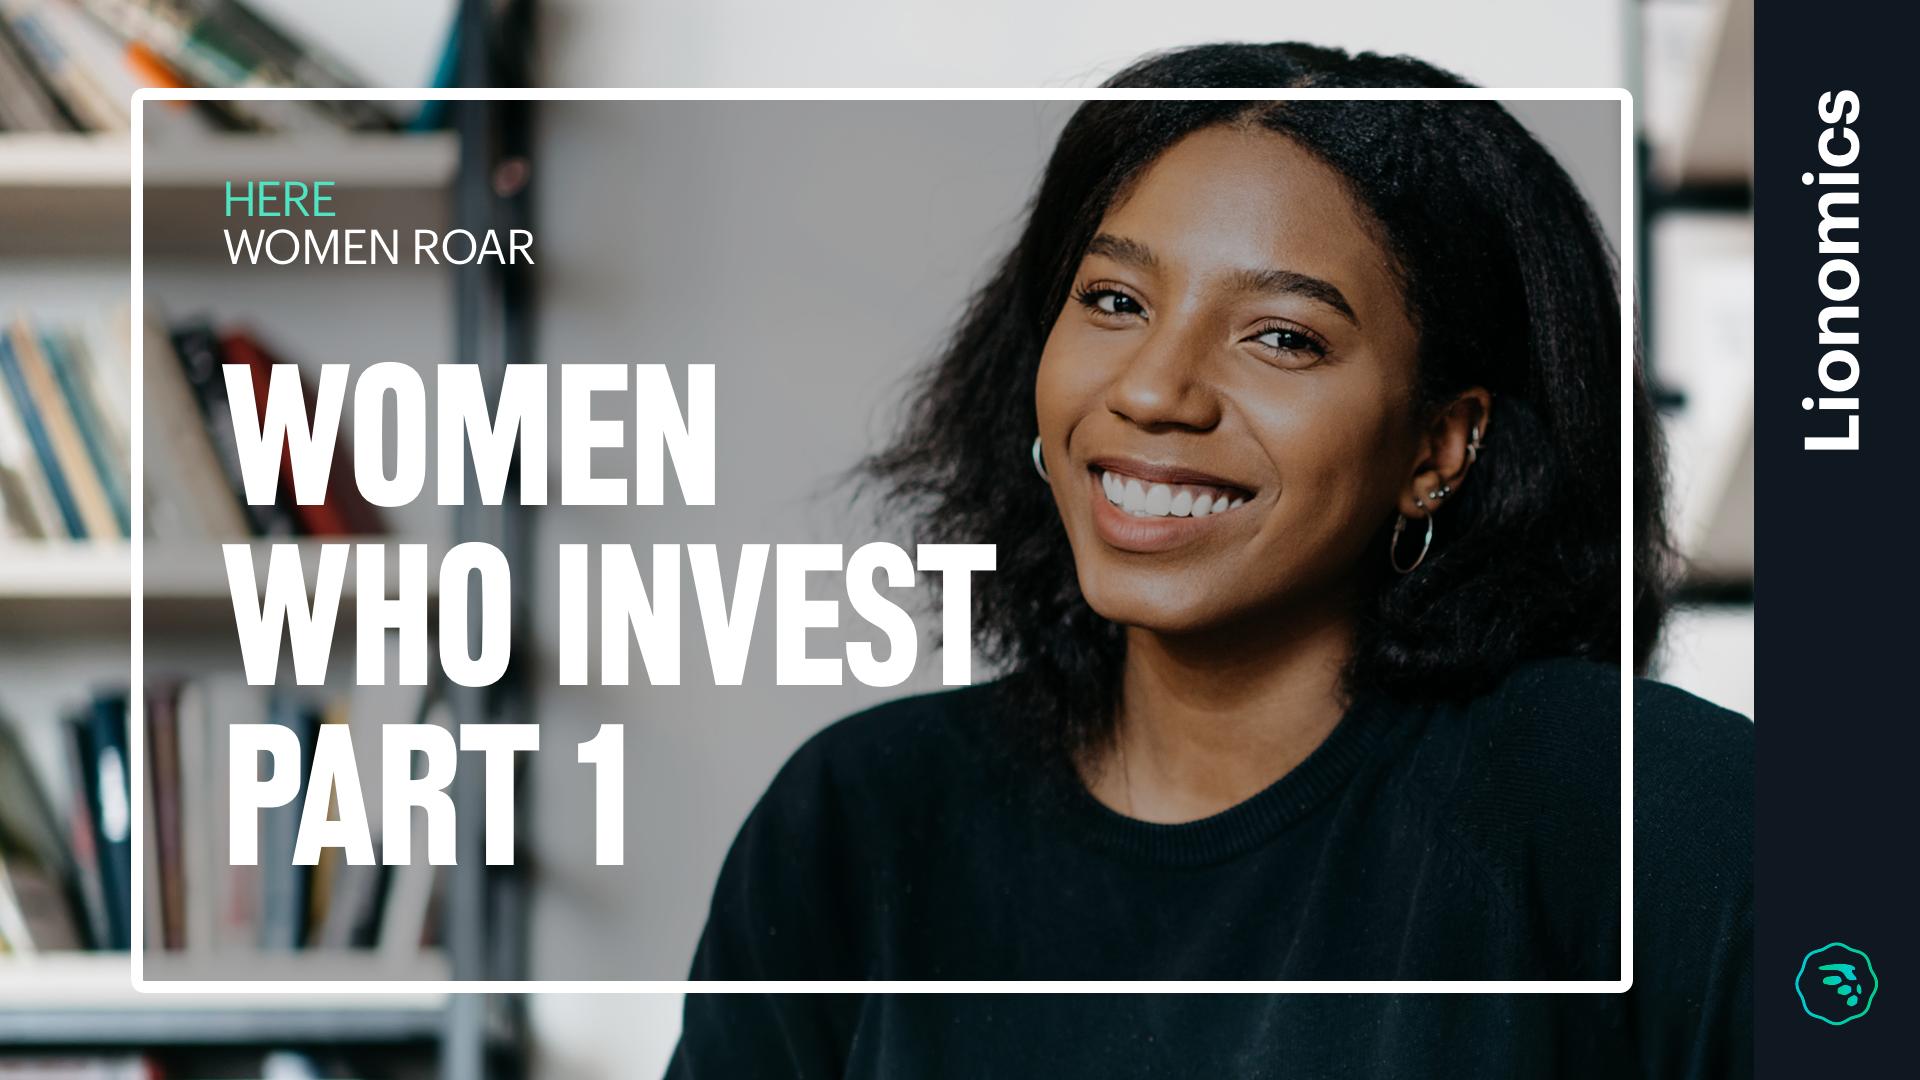 Blog Lionomics Woman Who Invest Part 1 03252019